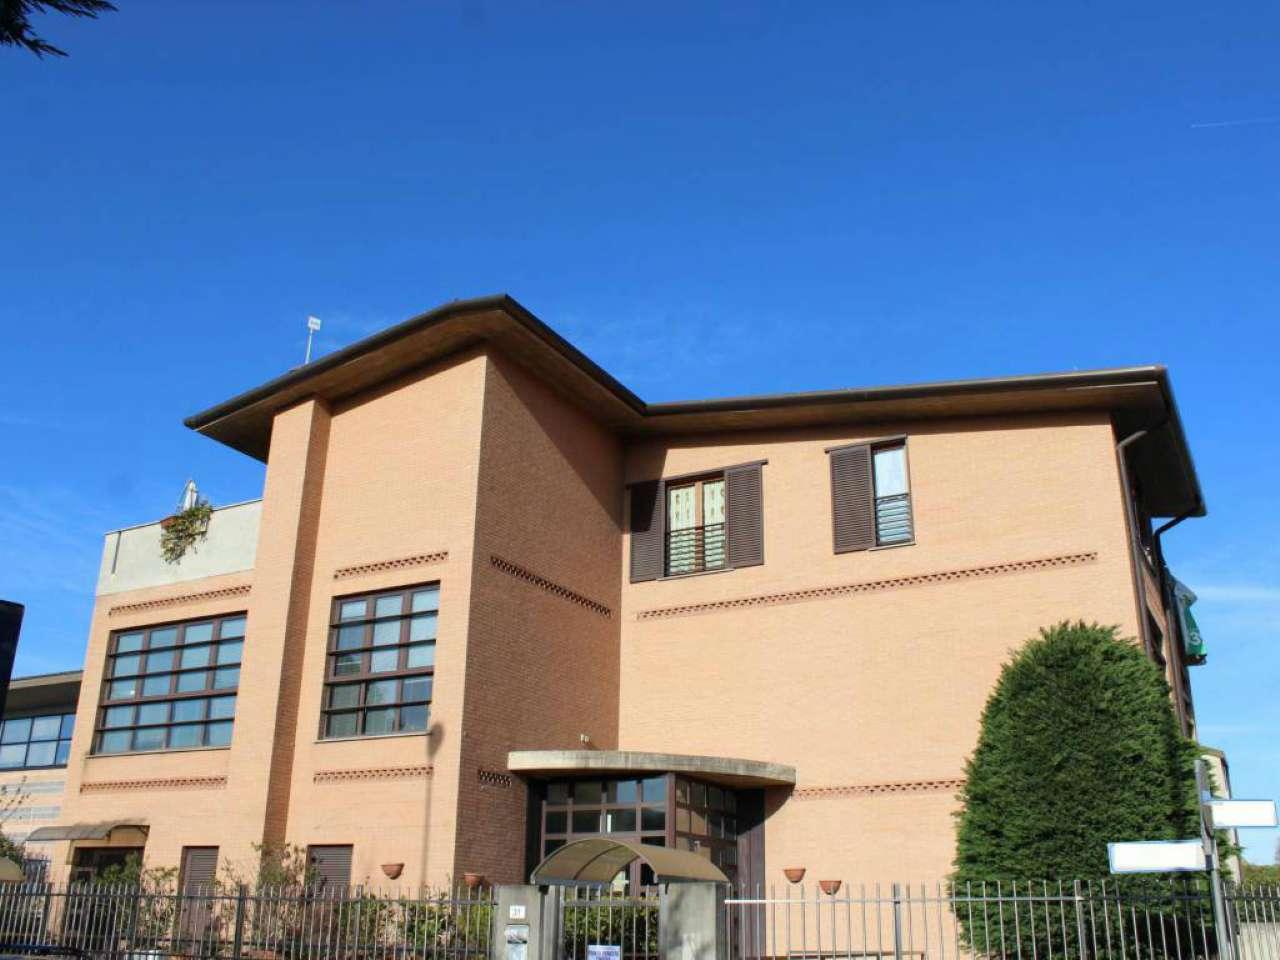 Attico / Mansarda in vendita a Lissone, 3 locali, prezzo € 189.000 | PortaleAgenzieImmobiliari.it